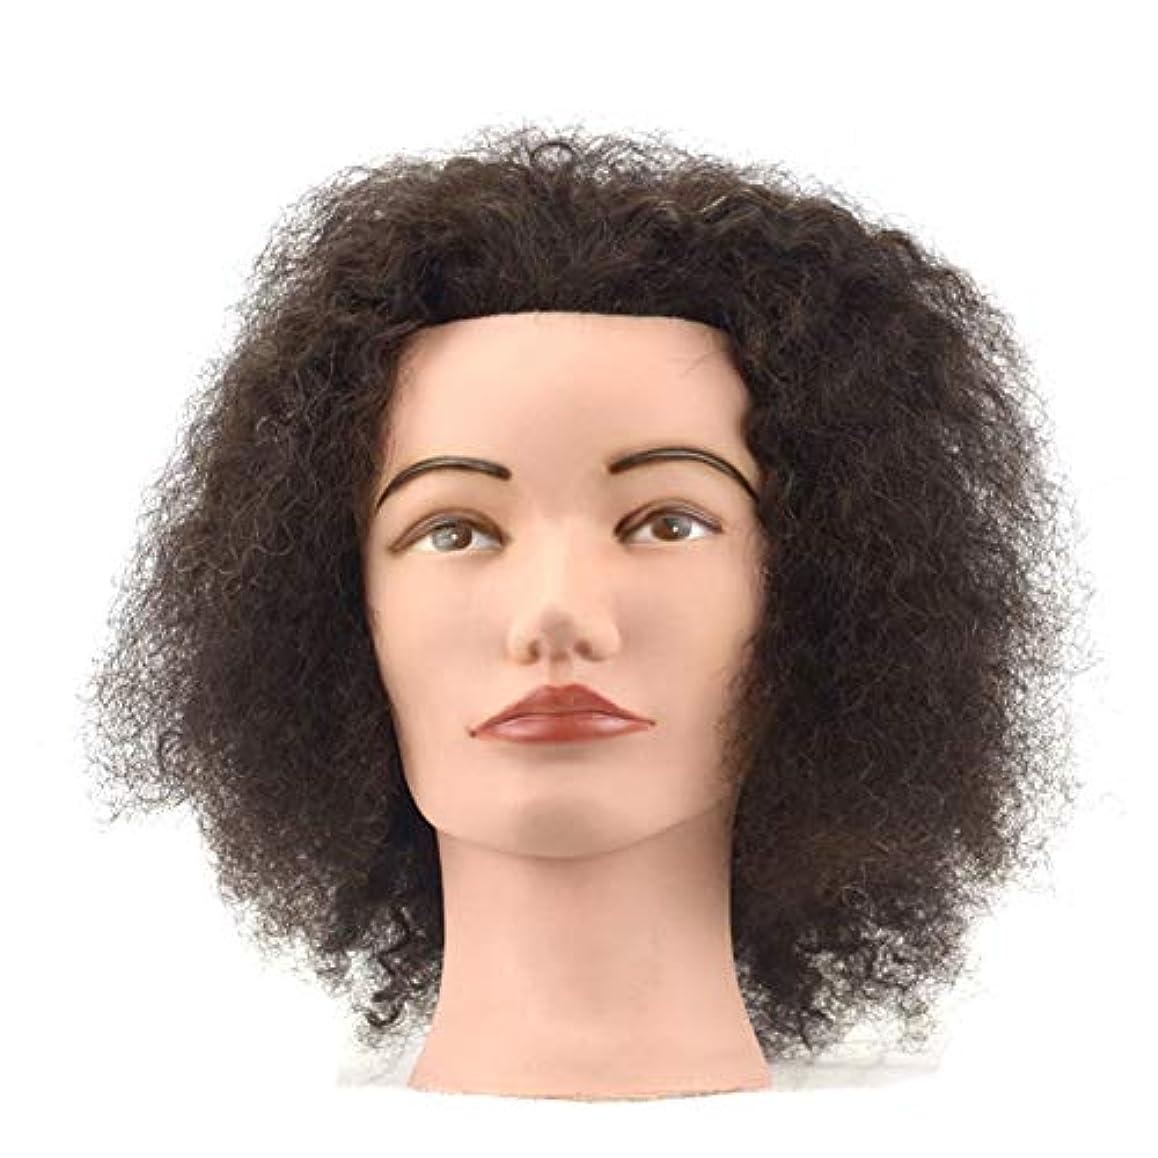 土器拍手する生きるナチュラルブラック爆発カーリーヘッド型リアル人間の髪の毛トレーニングモデルヘッド編組編組演習ダミーヘッド